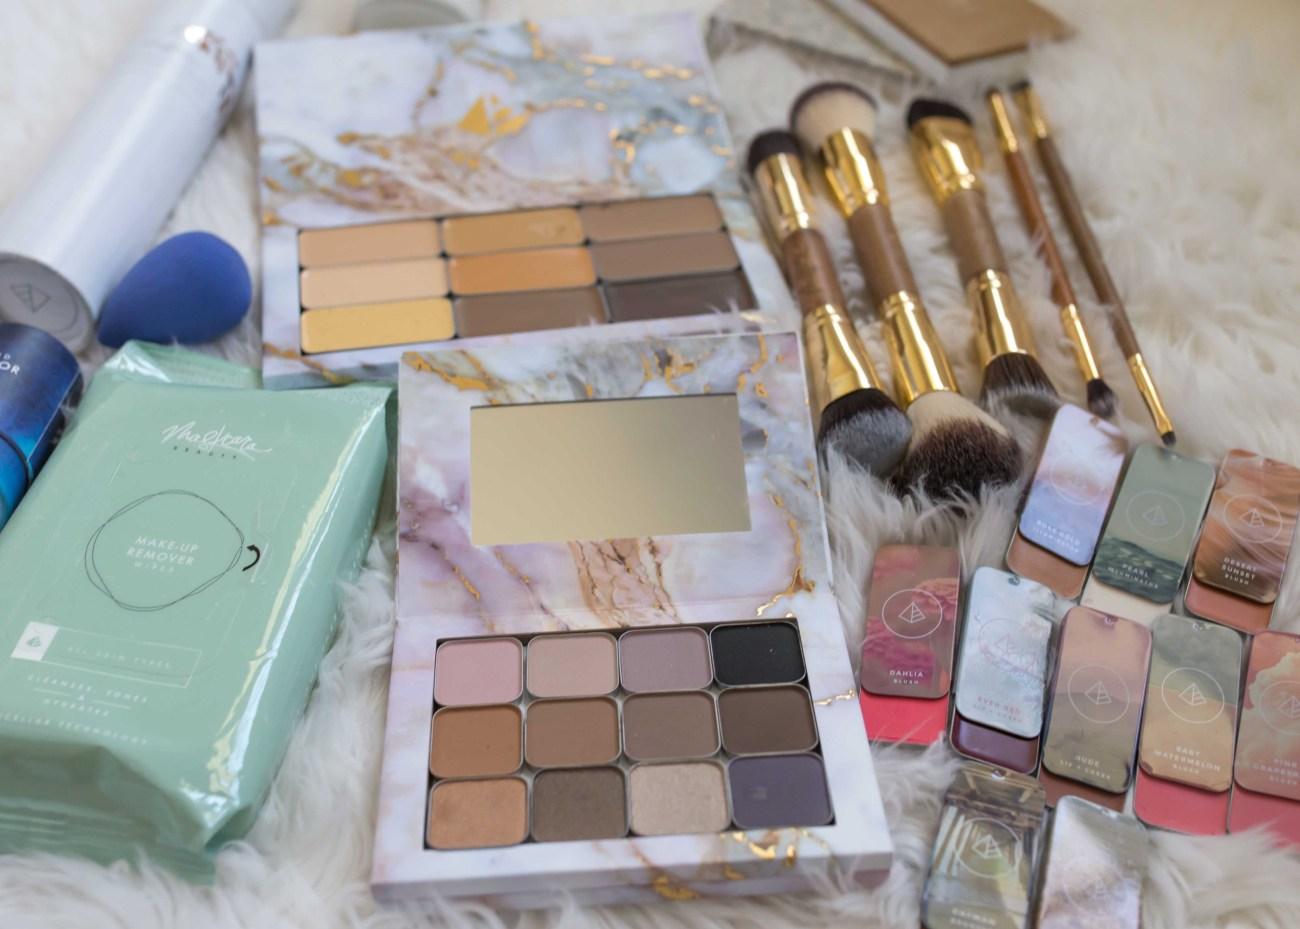 Maskcara Makeup Artist Kit